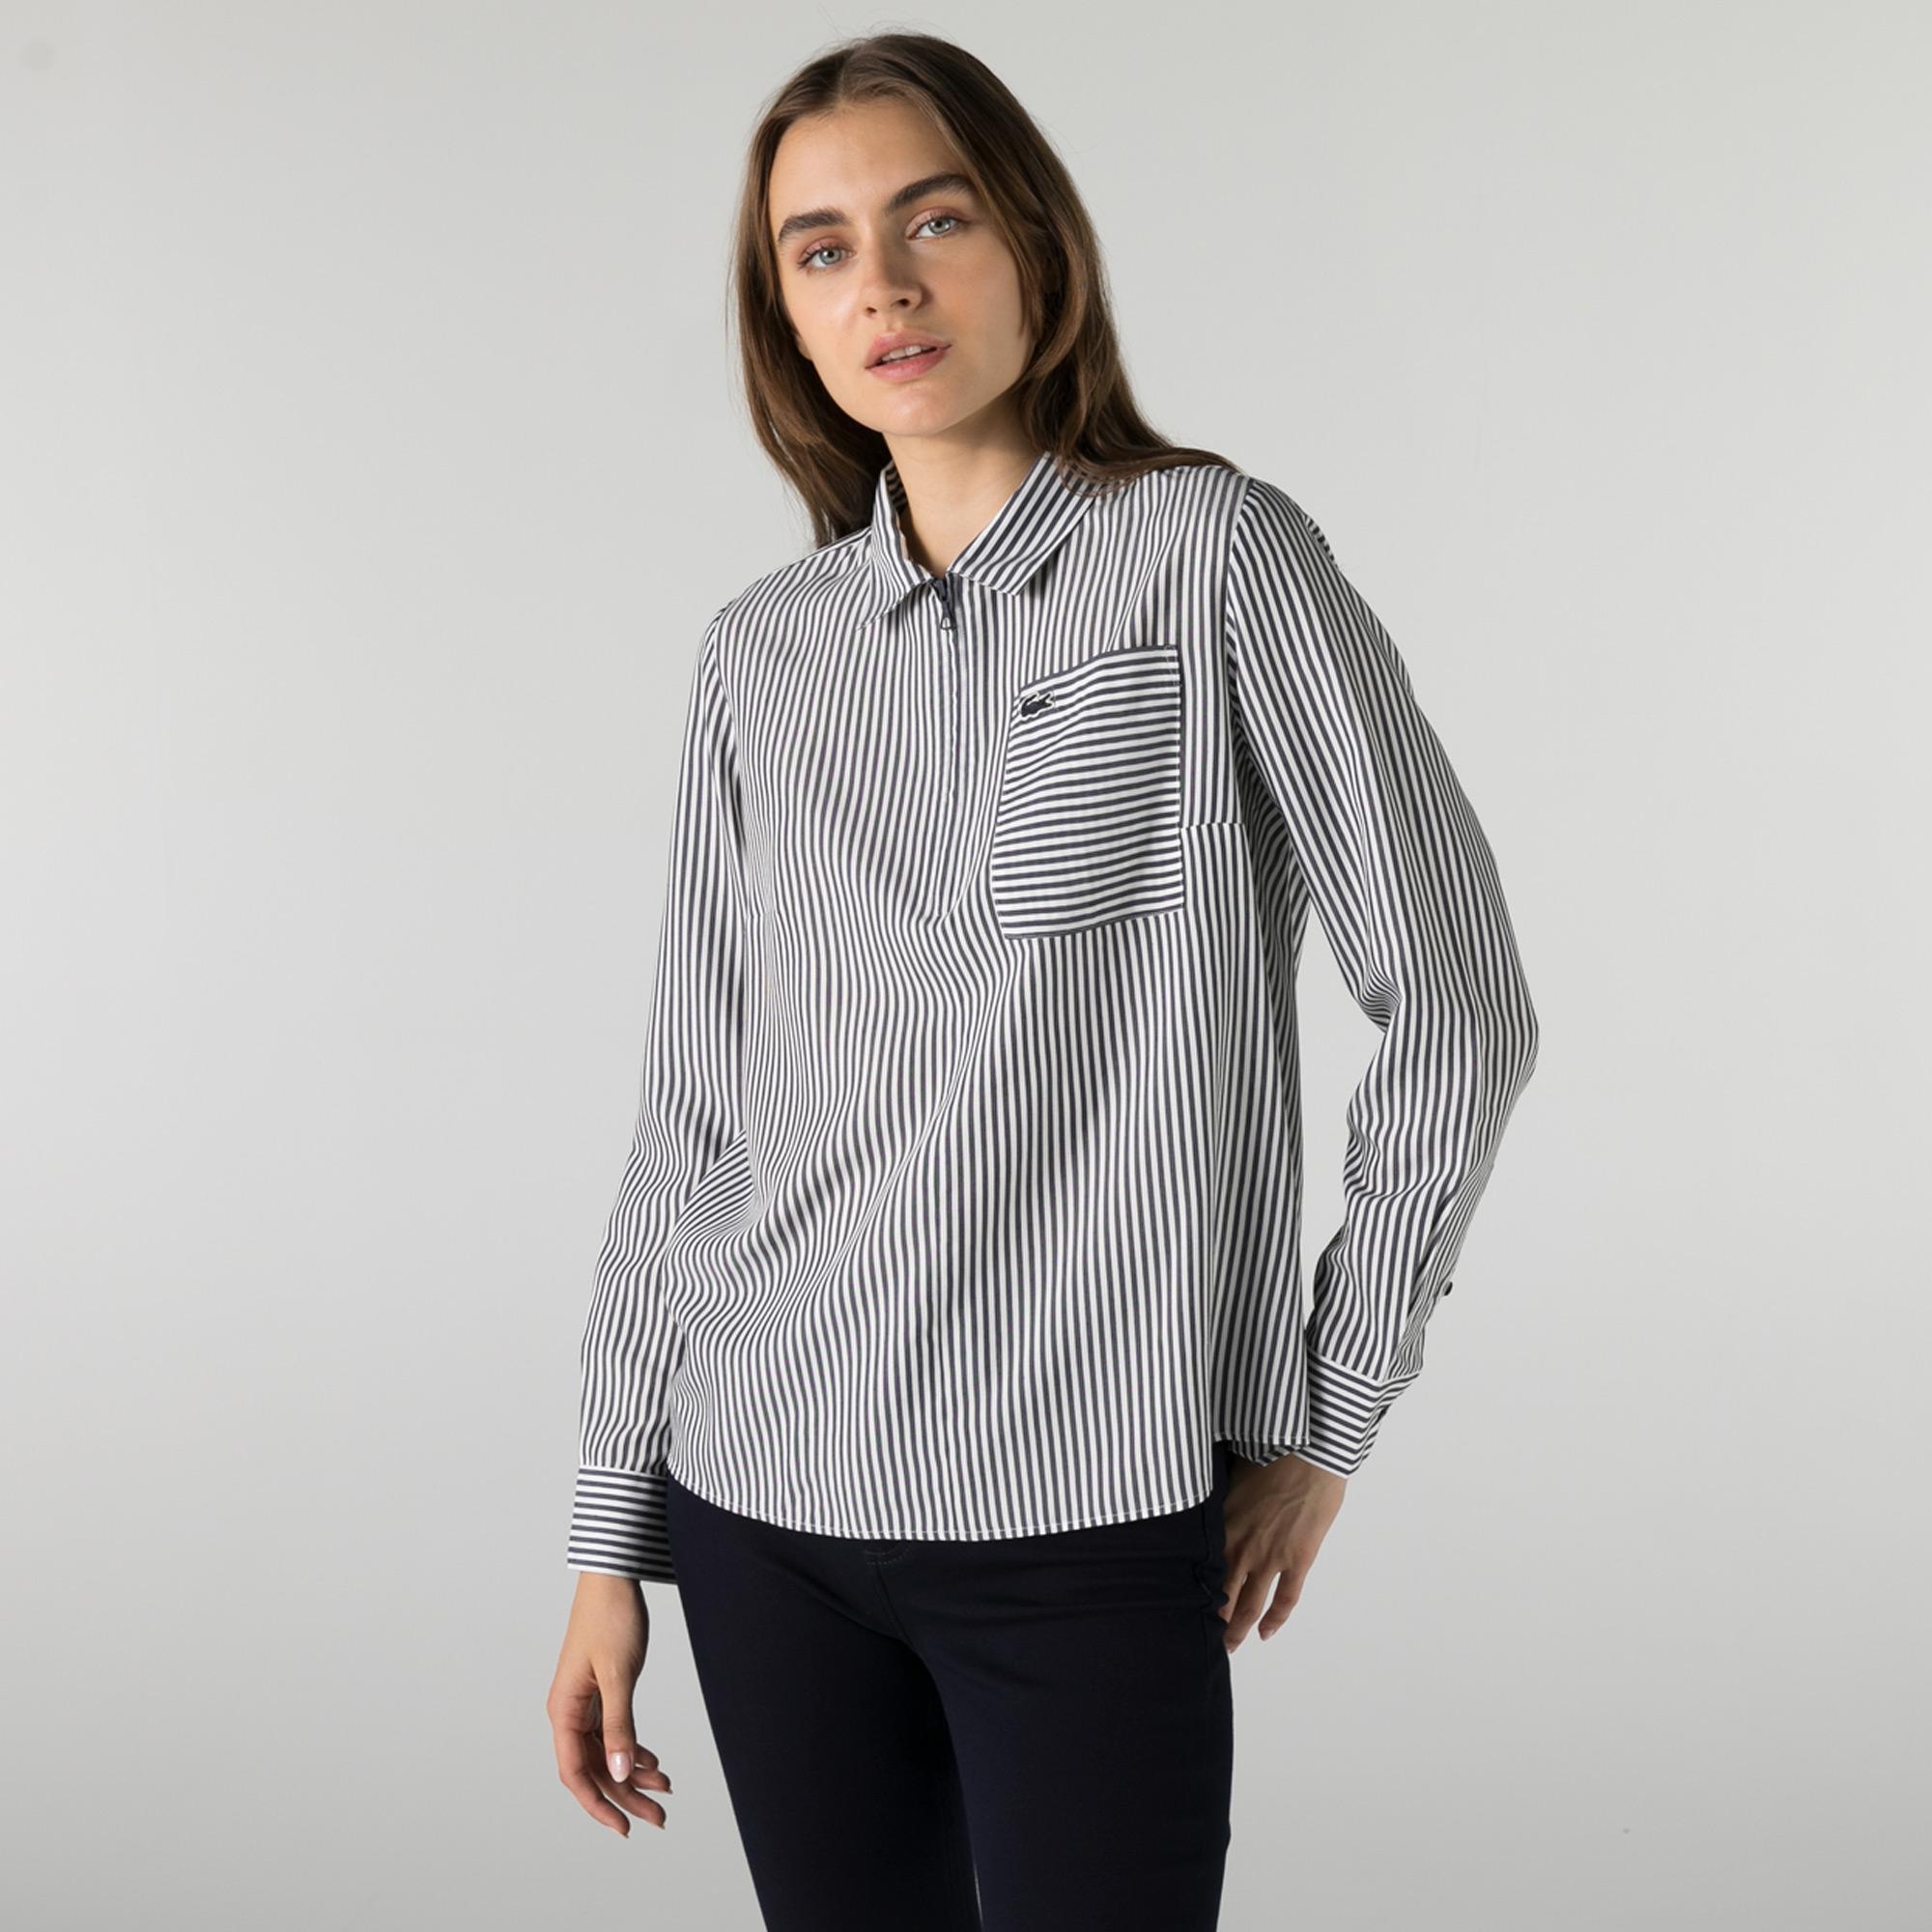 Lacoste Kadın Regular Fit Yarım Fermuarlı Çizgili Lacivert Gömlek